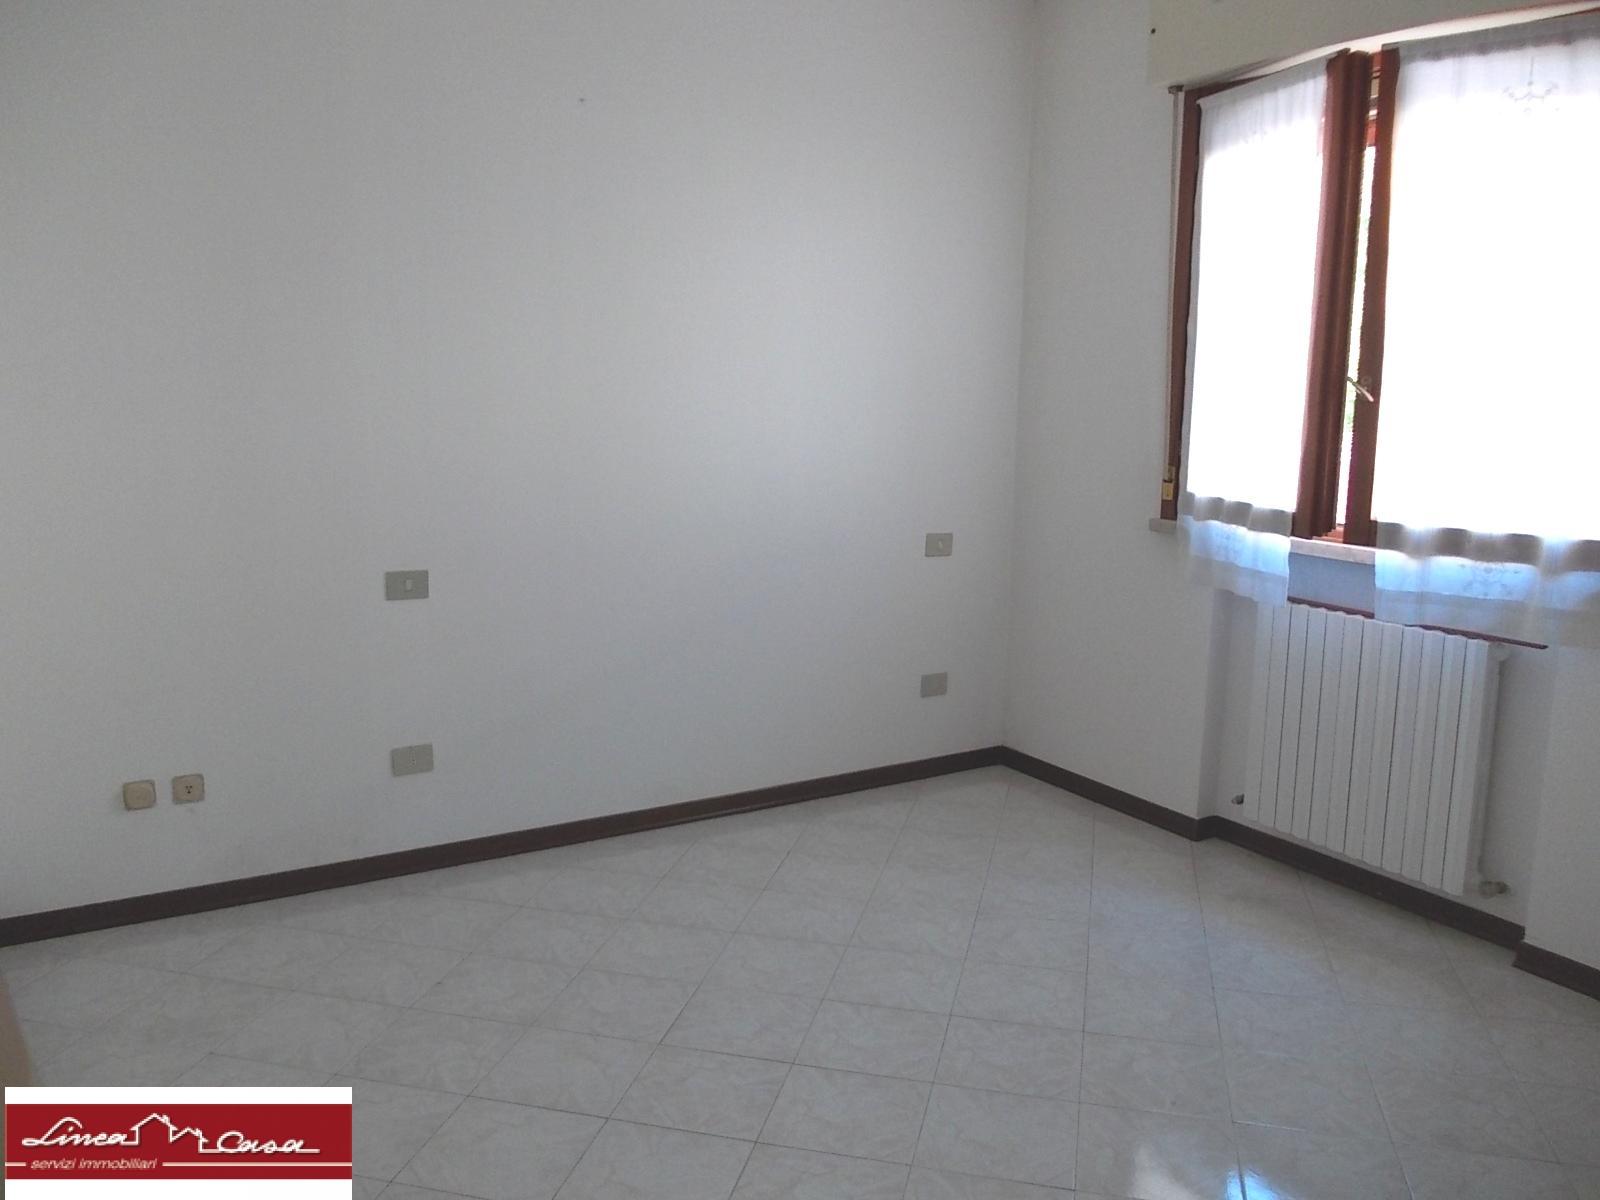 Bilocale Ferrara Via Maria Waldmann Massari 8